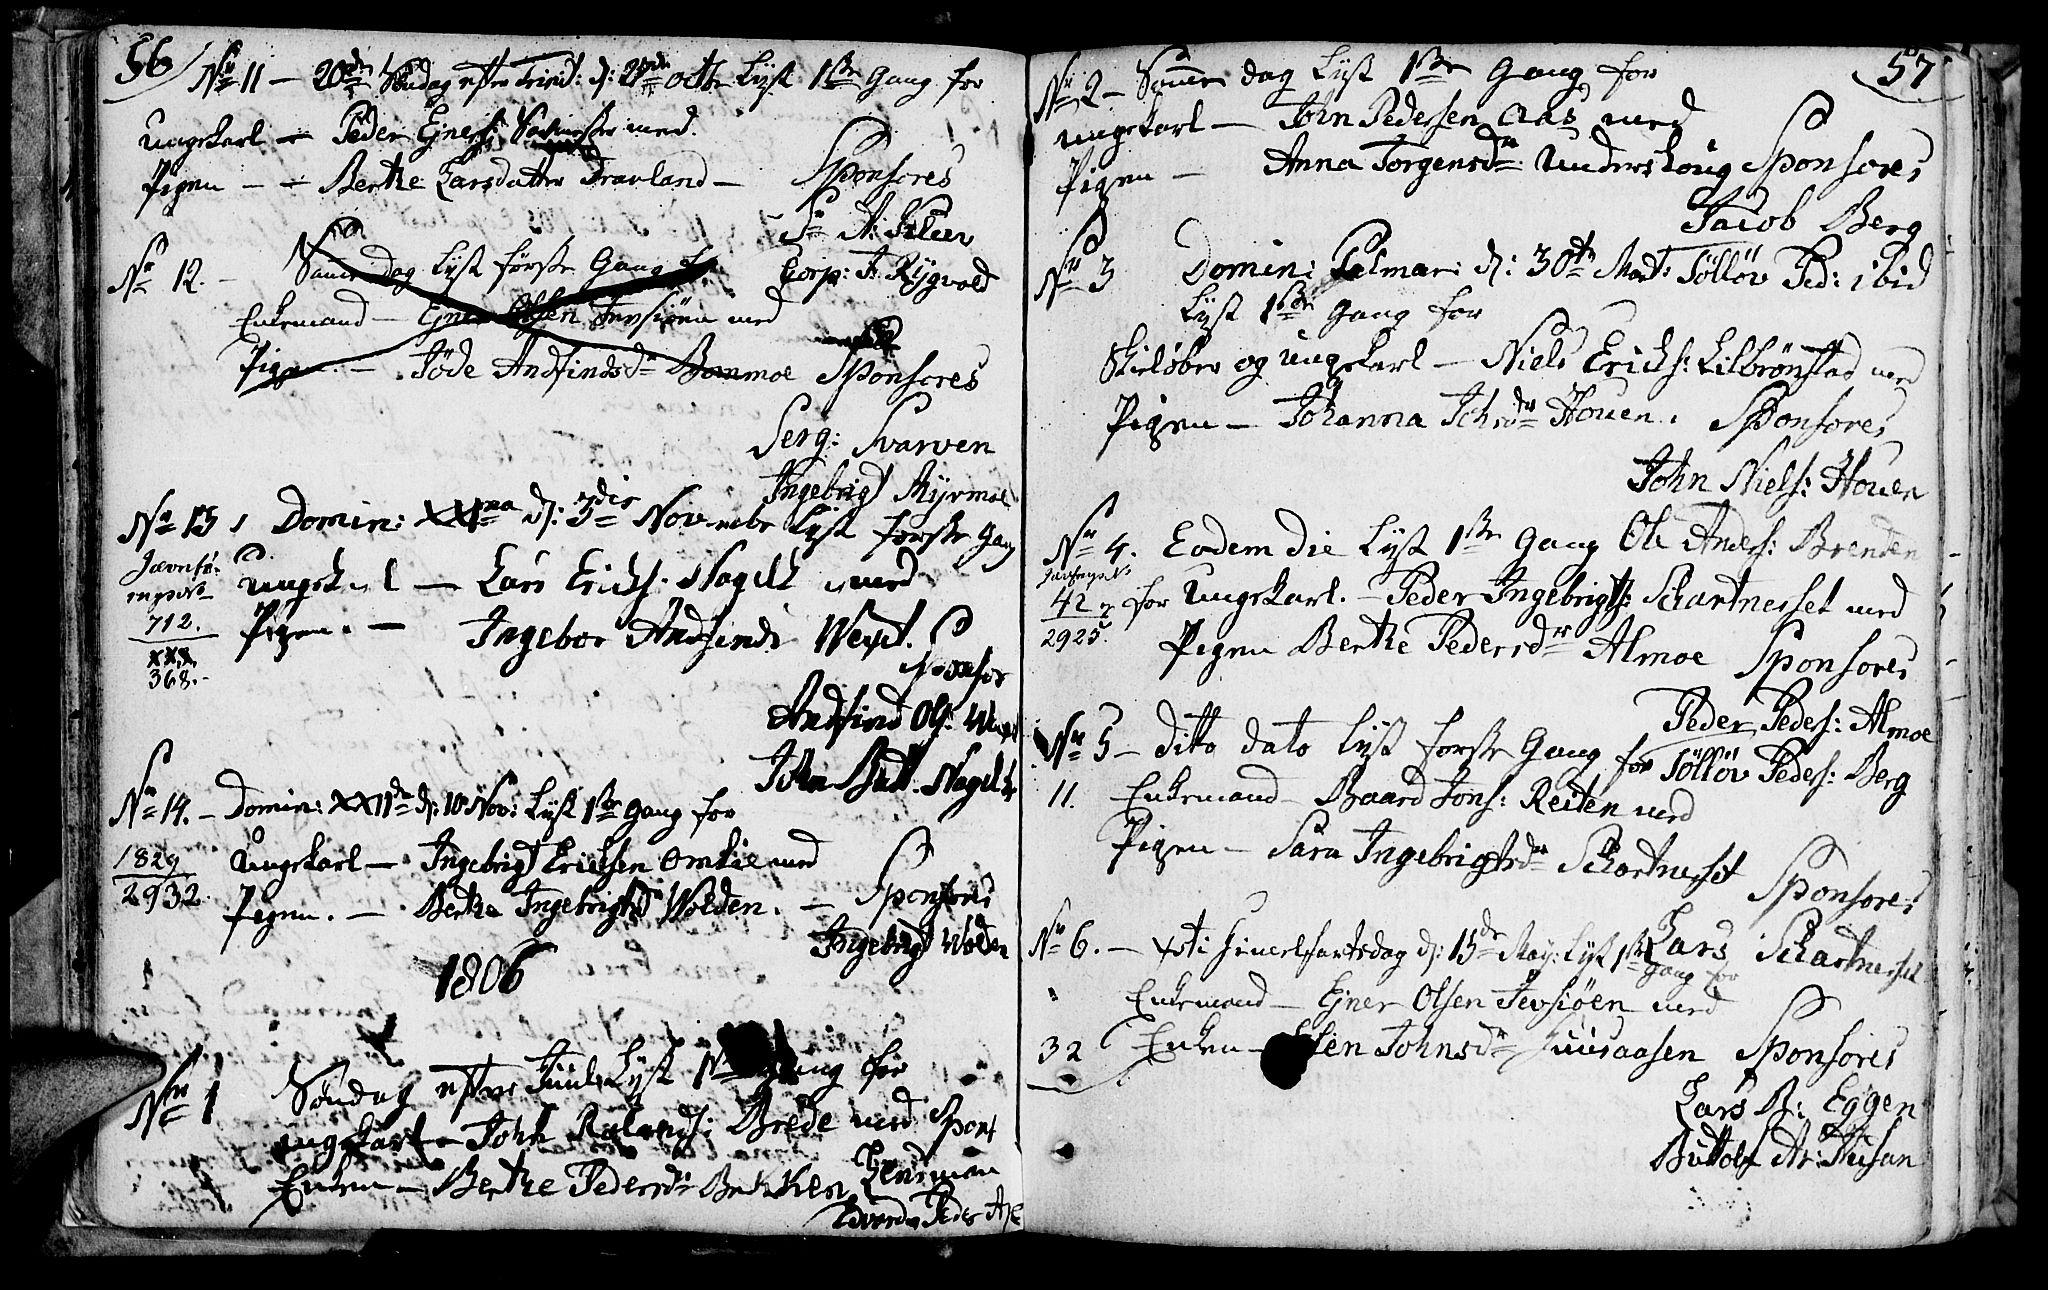 SAT, Ministerialprotokoller, klokkerbøker og fødselsregistre - Nord-Trøndelag, 749/L0468: Ministerialbok nr. 749A02, 1787-1817, s. 56-57